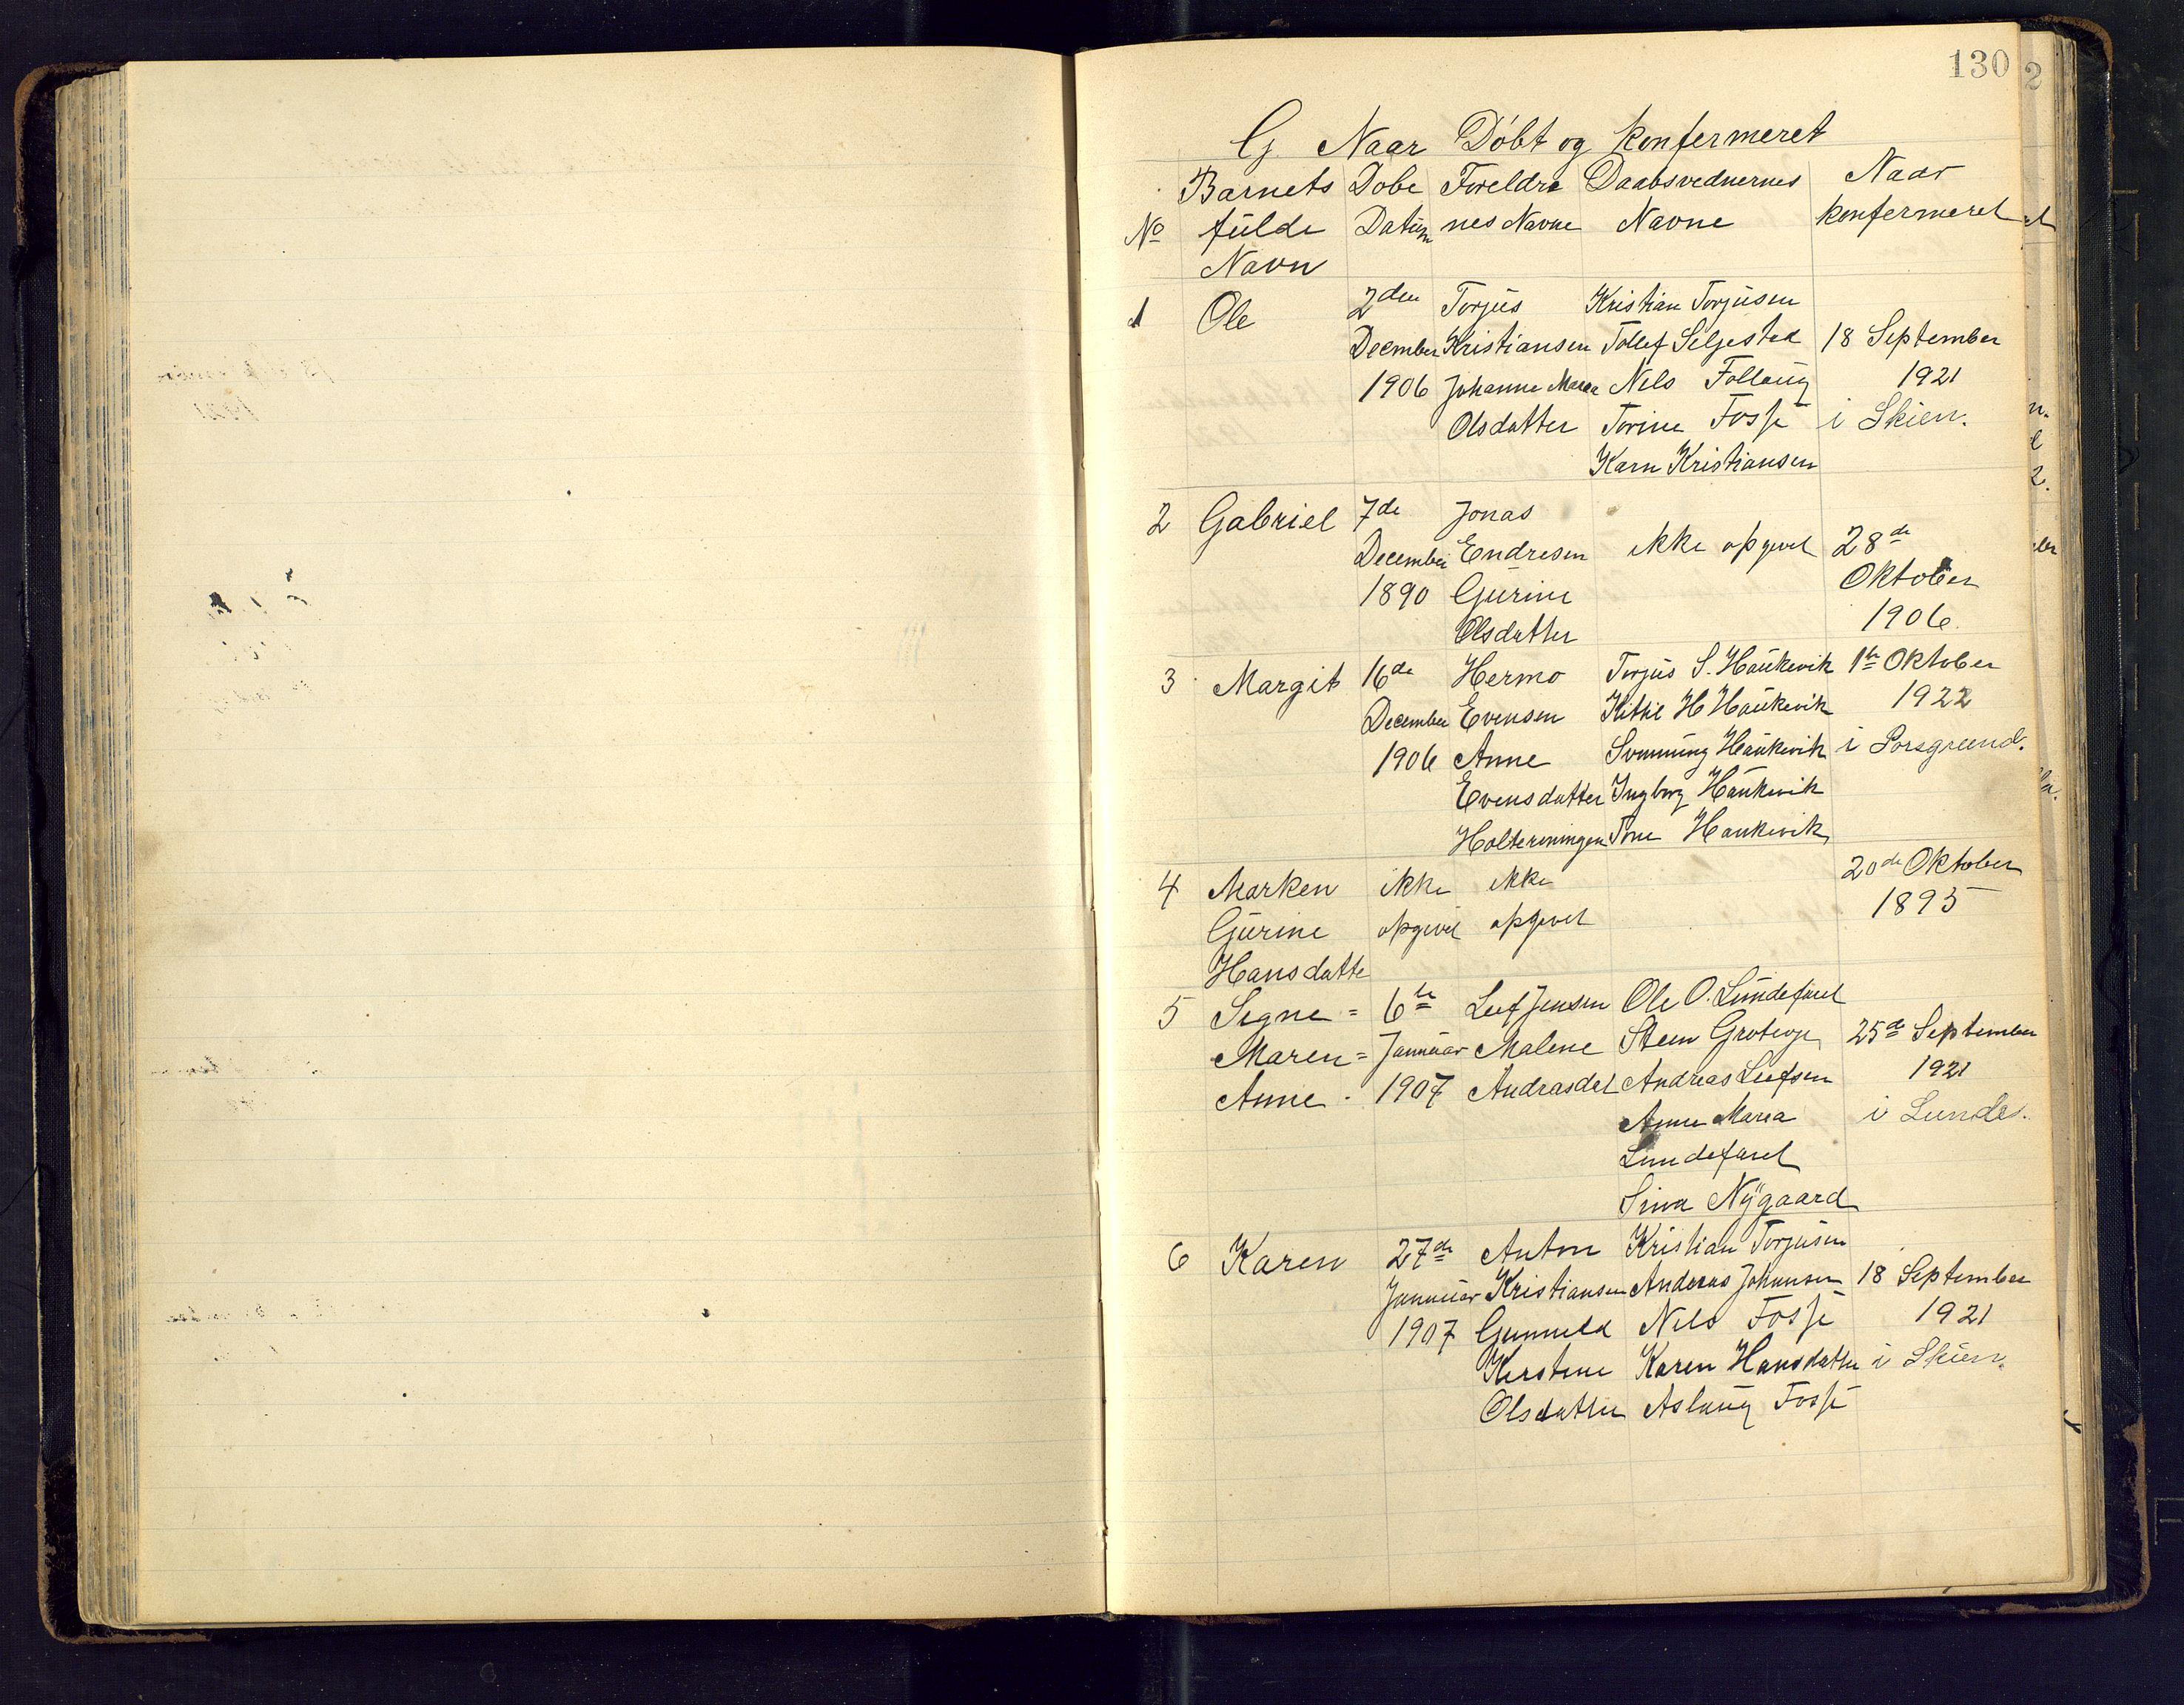 SAKO, Den evangeliske lutherske frimenighet (SAKO), Dissenterprotokoll nr. Fa/L0002, 1906-1922, s. 130